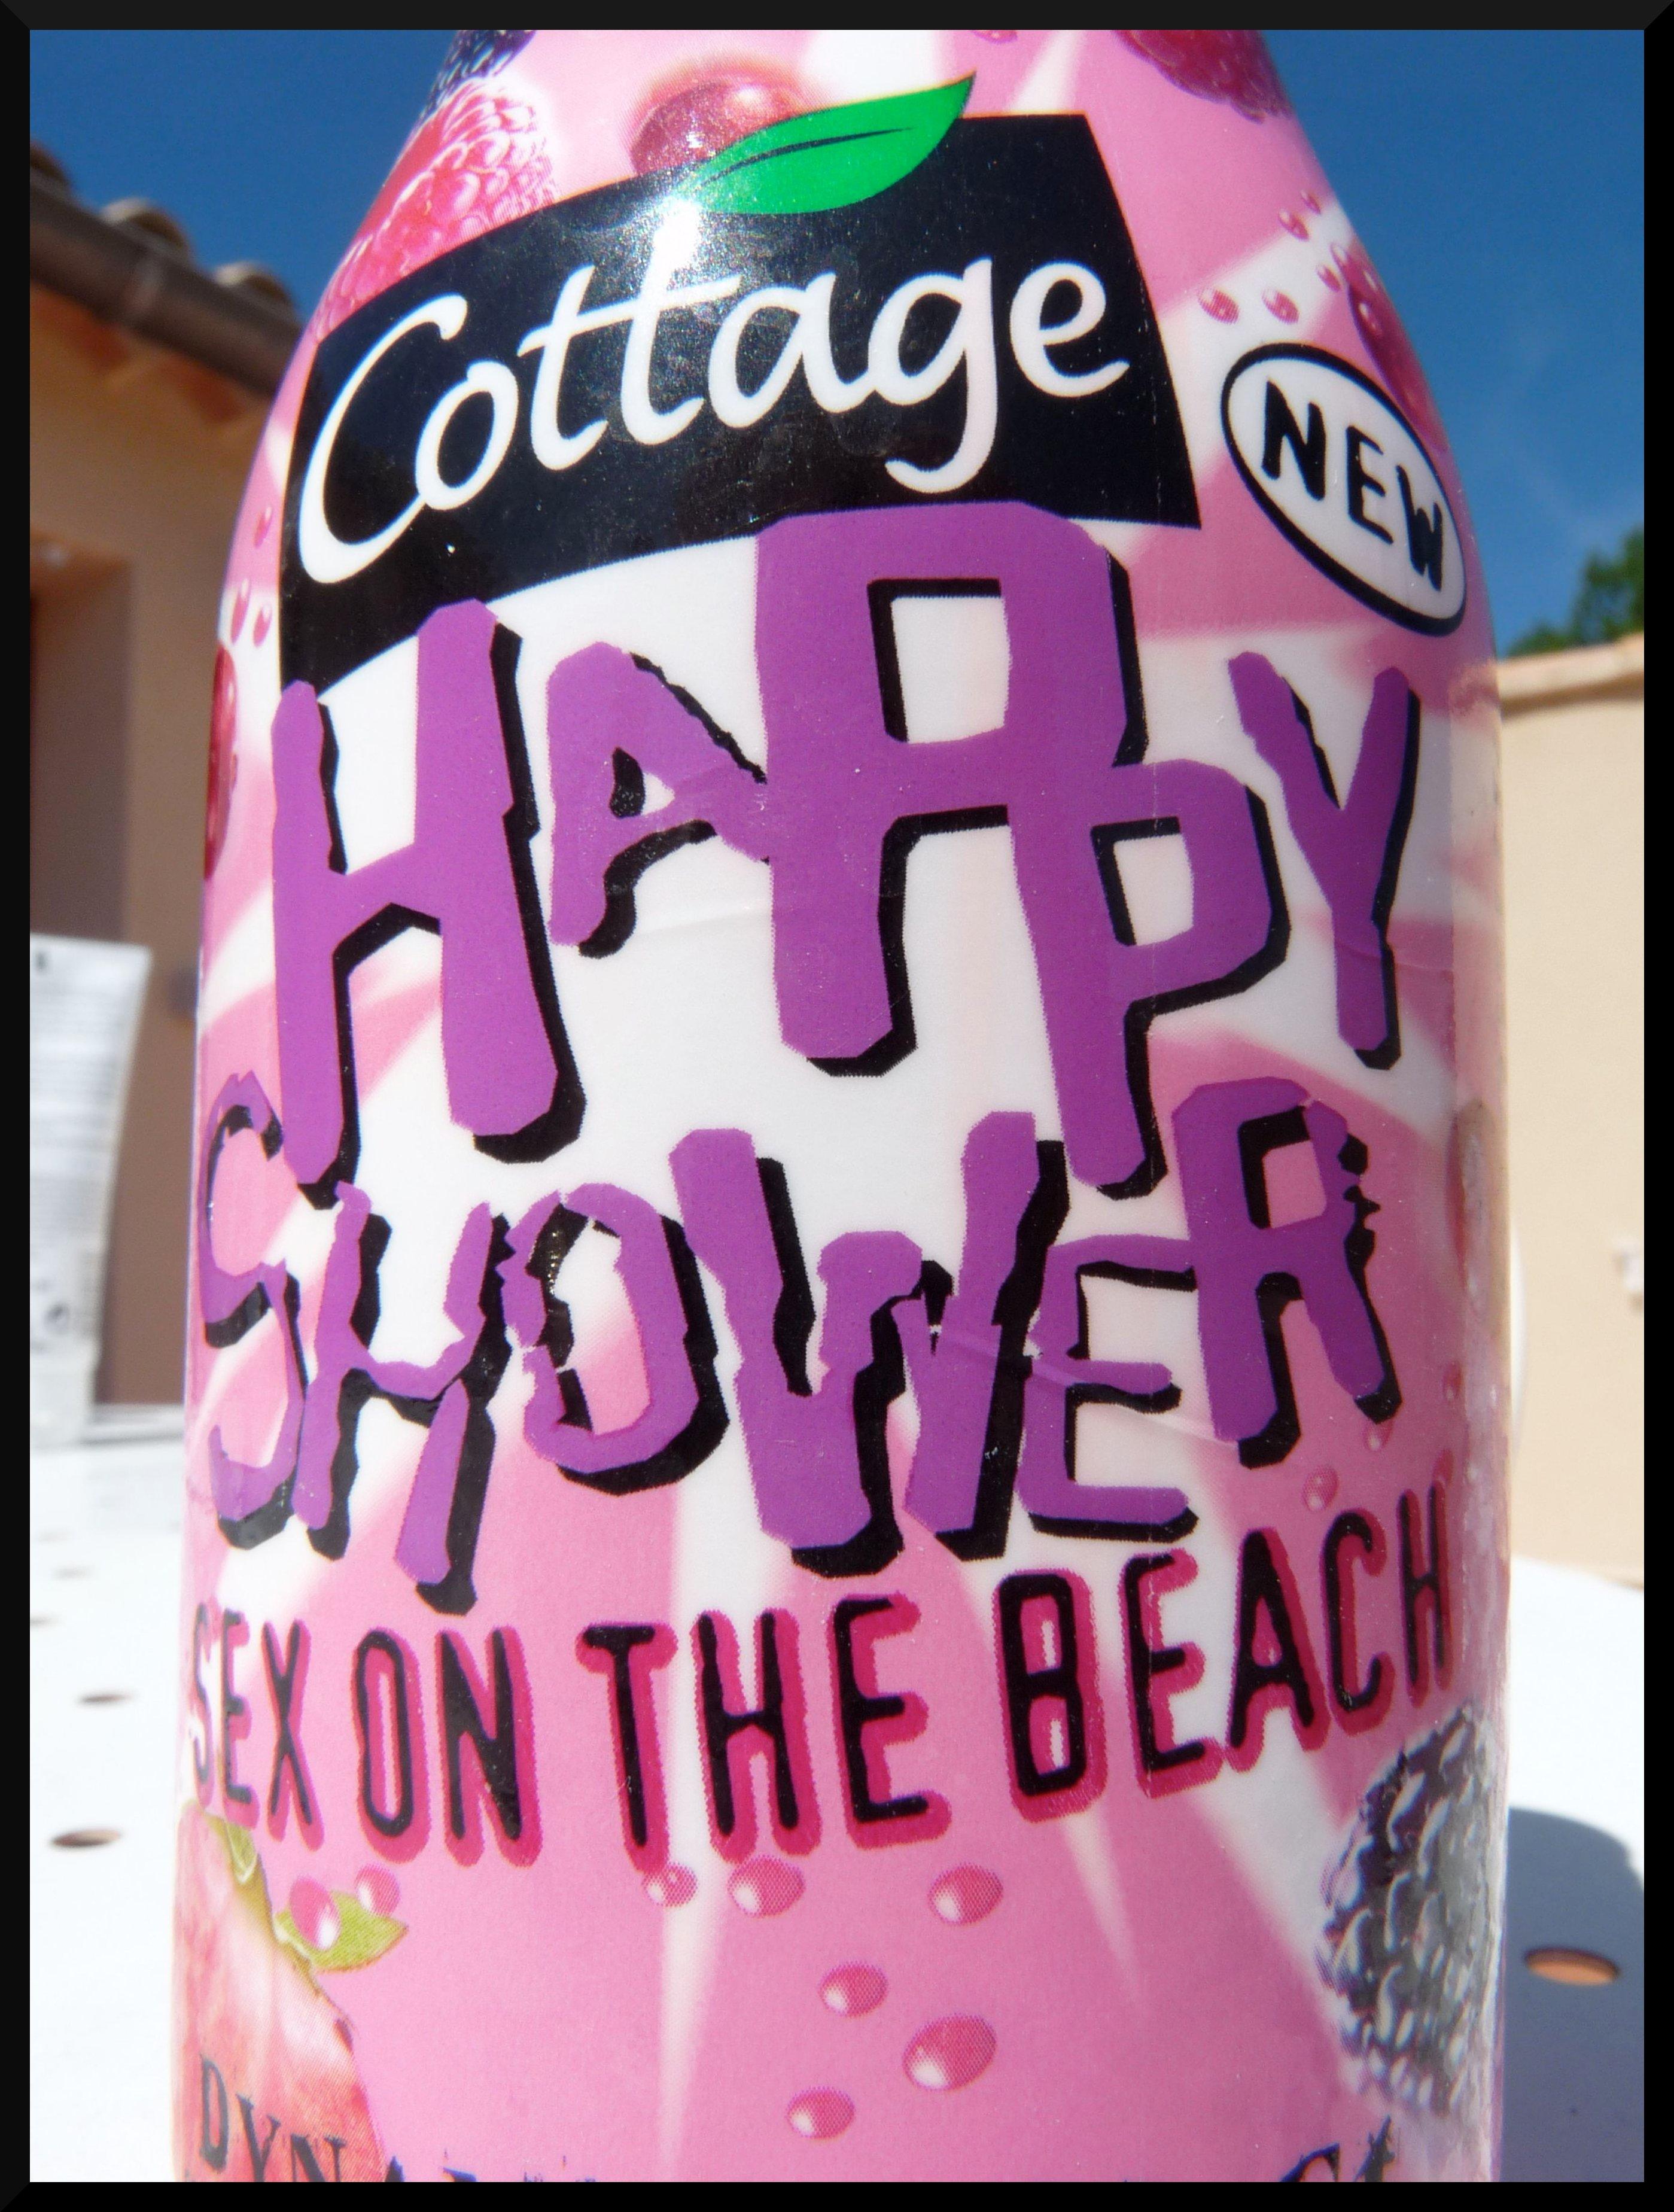 cottage gel douche happy shower sex beach